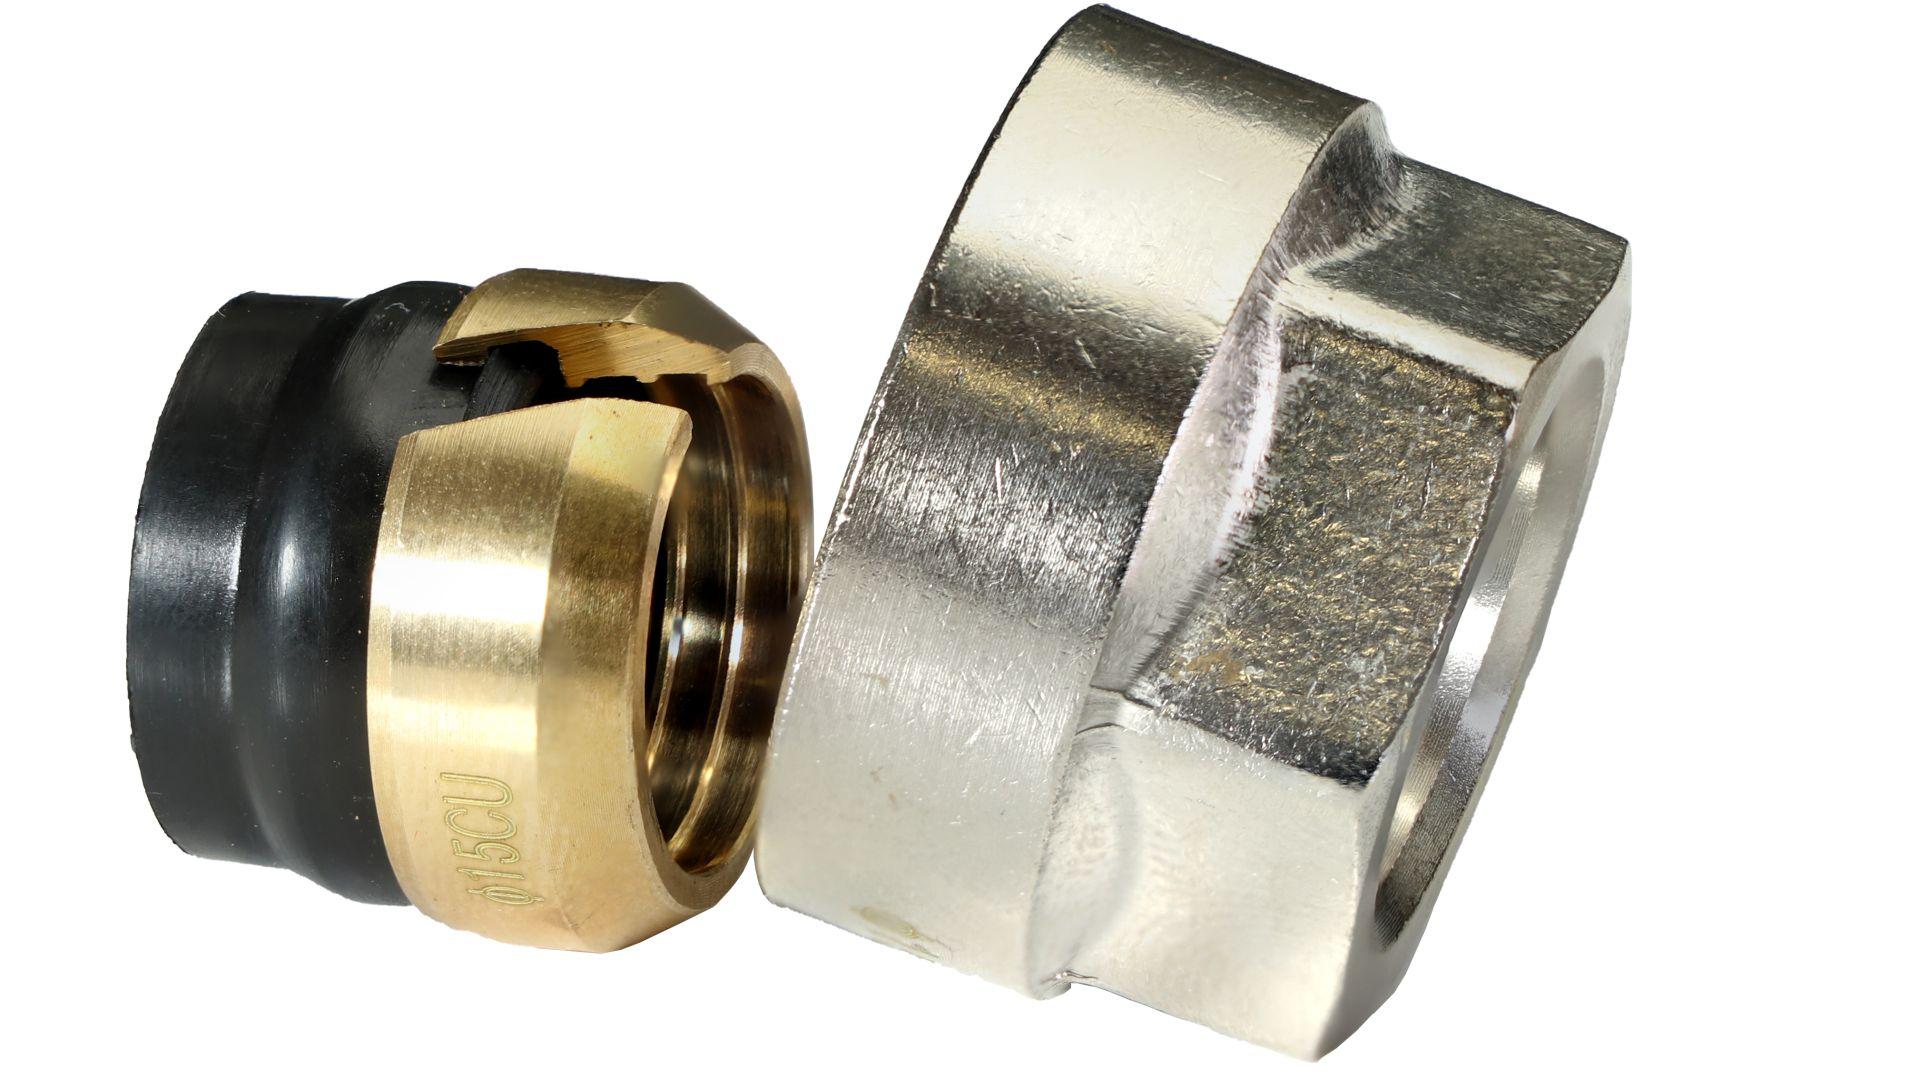 Marley DreMa (TW) Euro-Adapter für 15 mm Kupferrohr (Nr. 24), 3/4 Zoll Innengewinde Euro-Konus